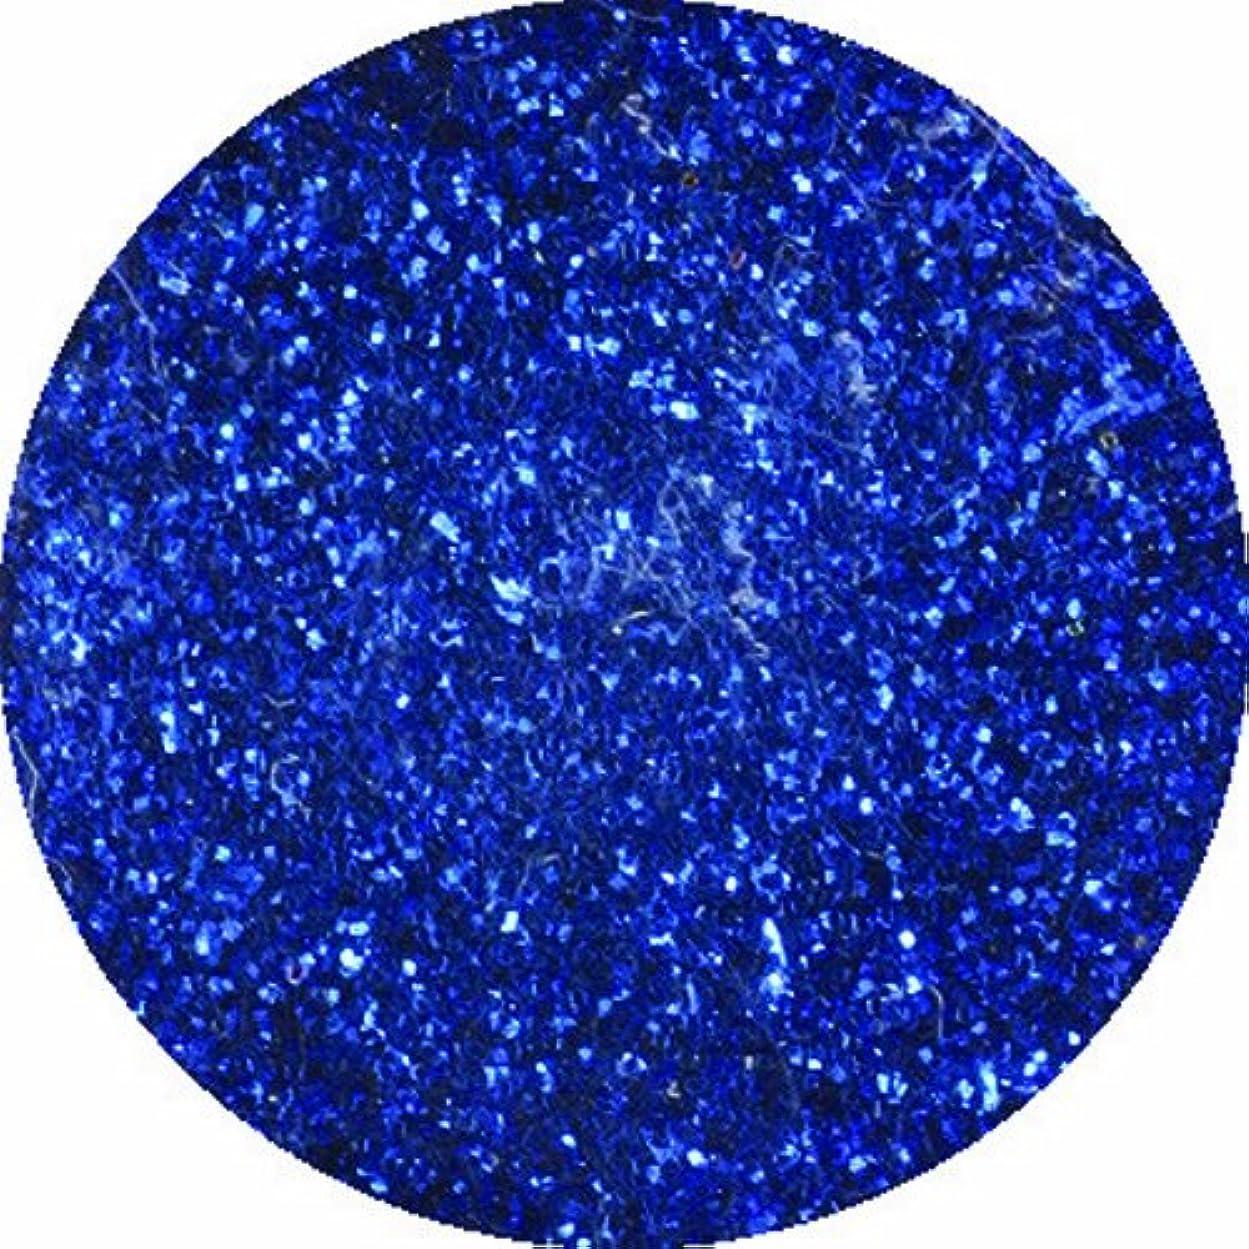 下ゼロオセアニアビューティーネイラー ネイル用パウダー 黒崎えり子 ジュエリーコレクション ブルー0.05mm